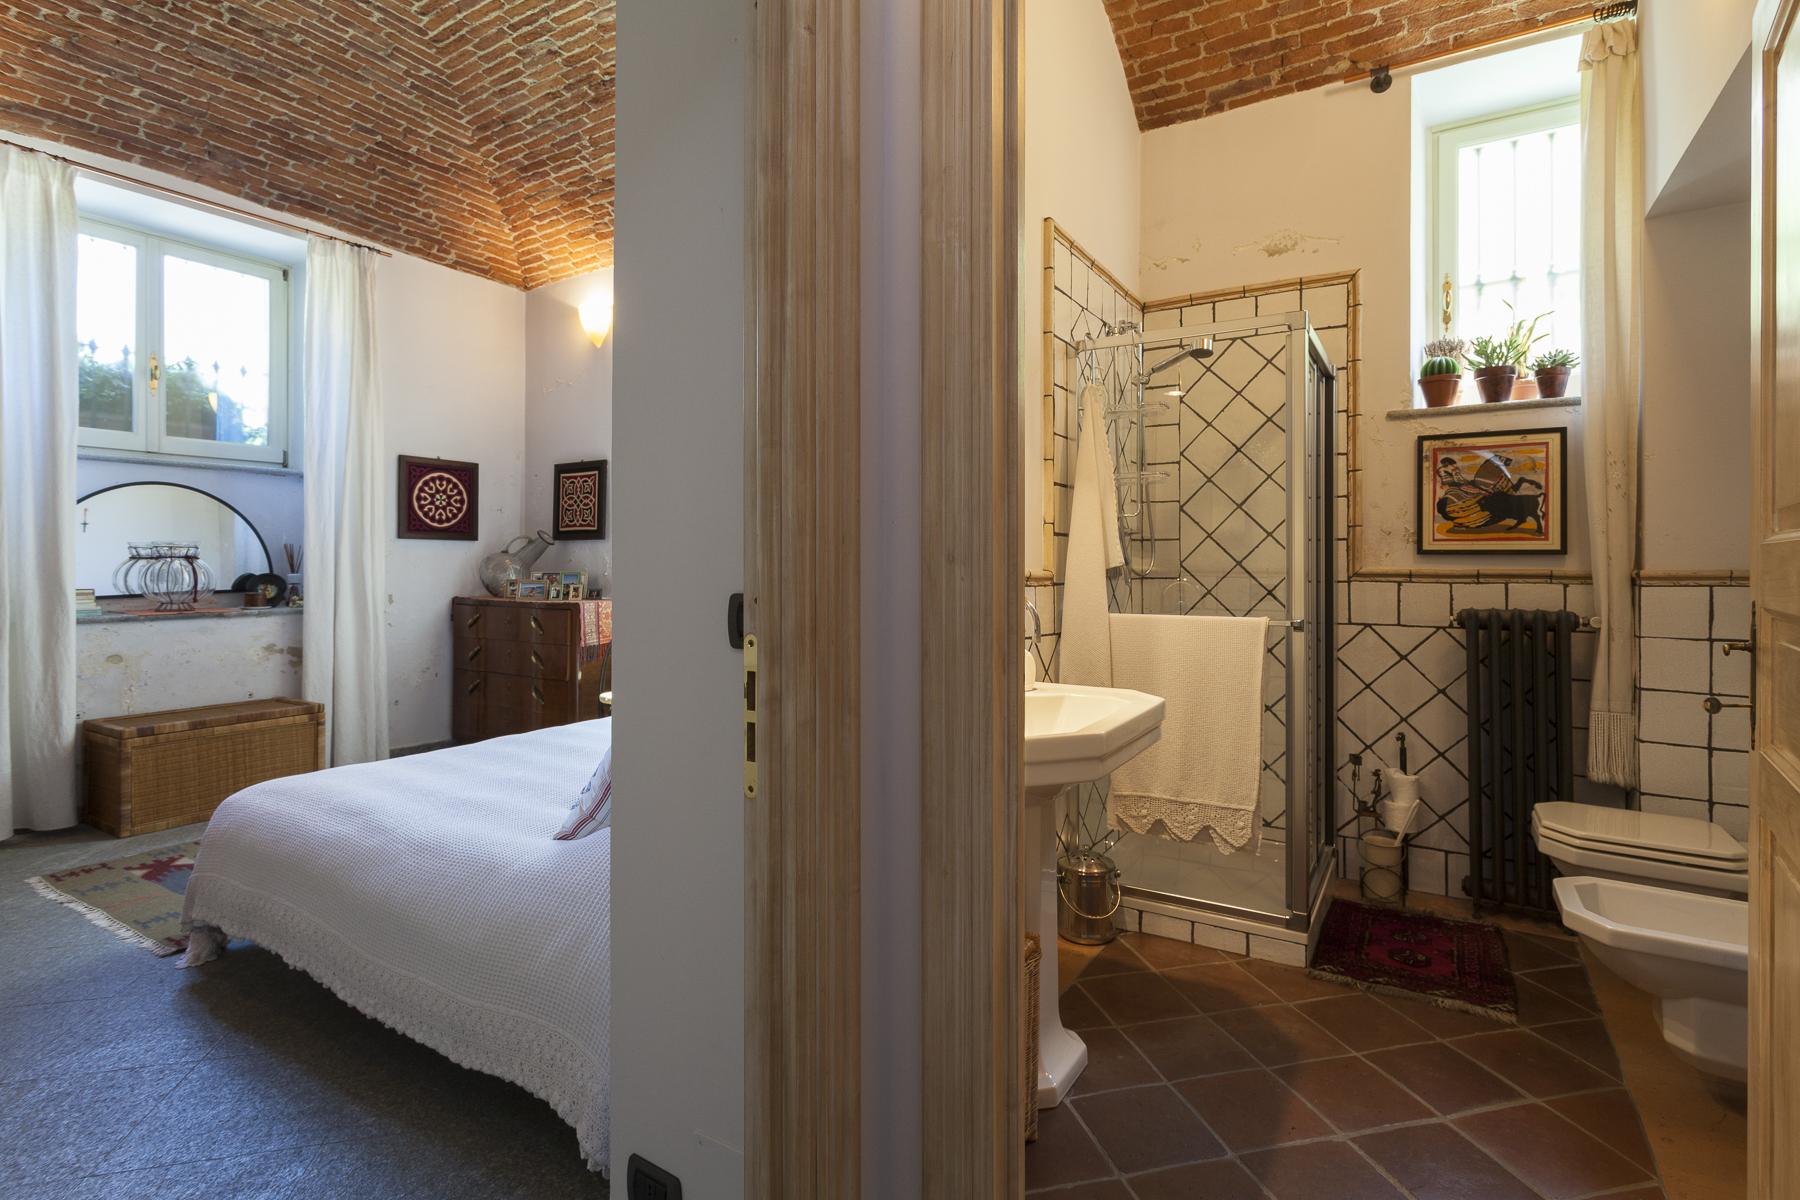 Villa in Vendita a Rivoli: 5 locali, 450 mq - Foto 11